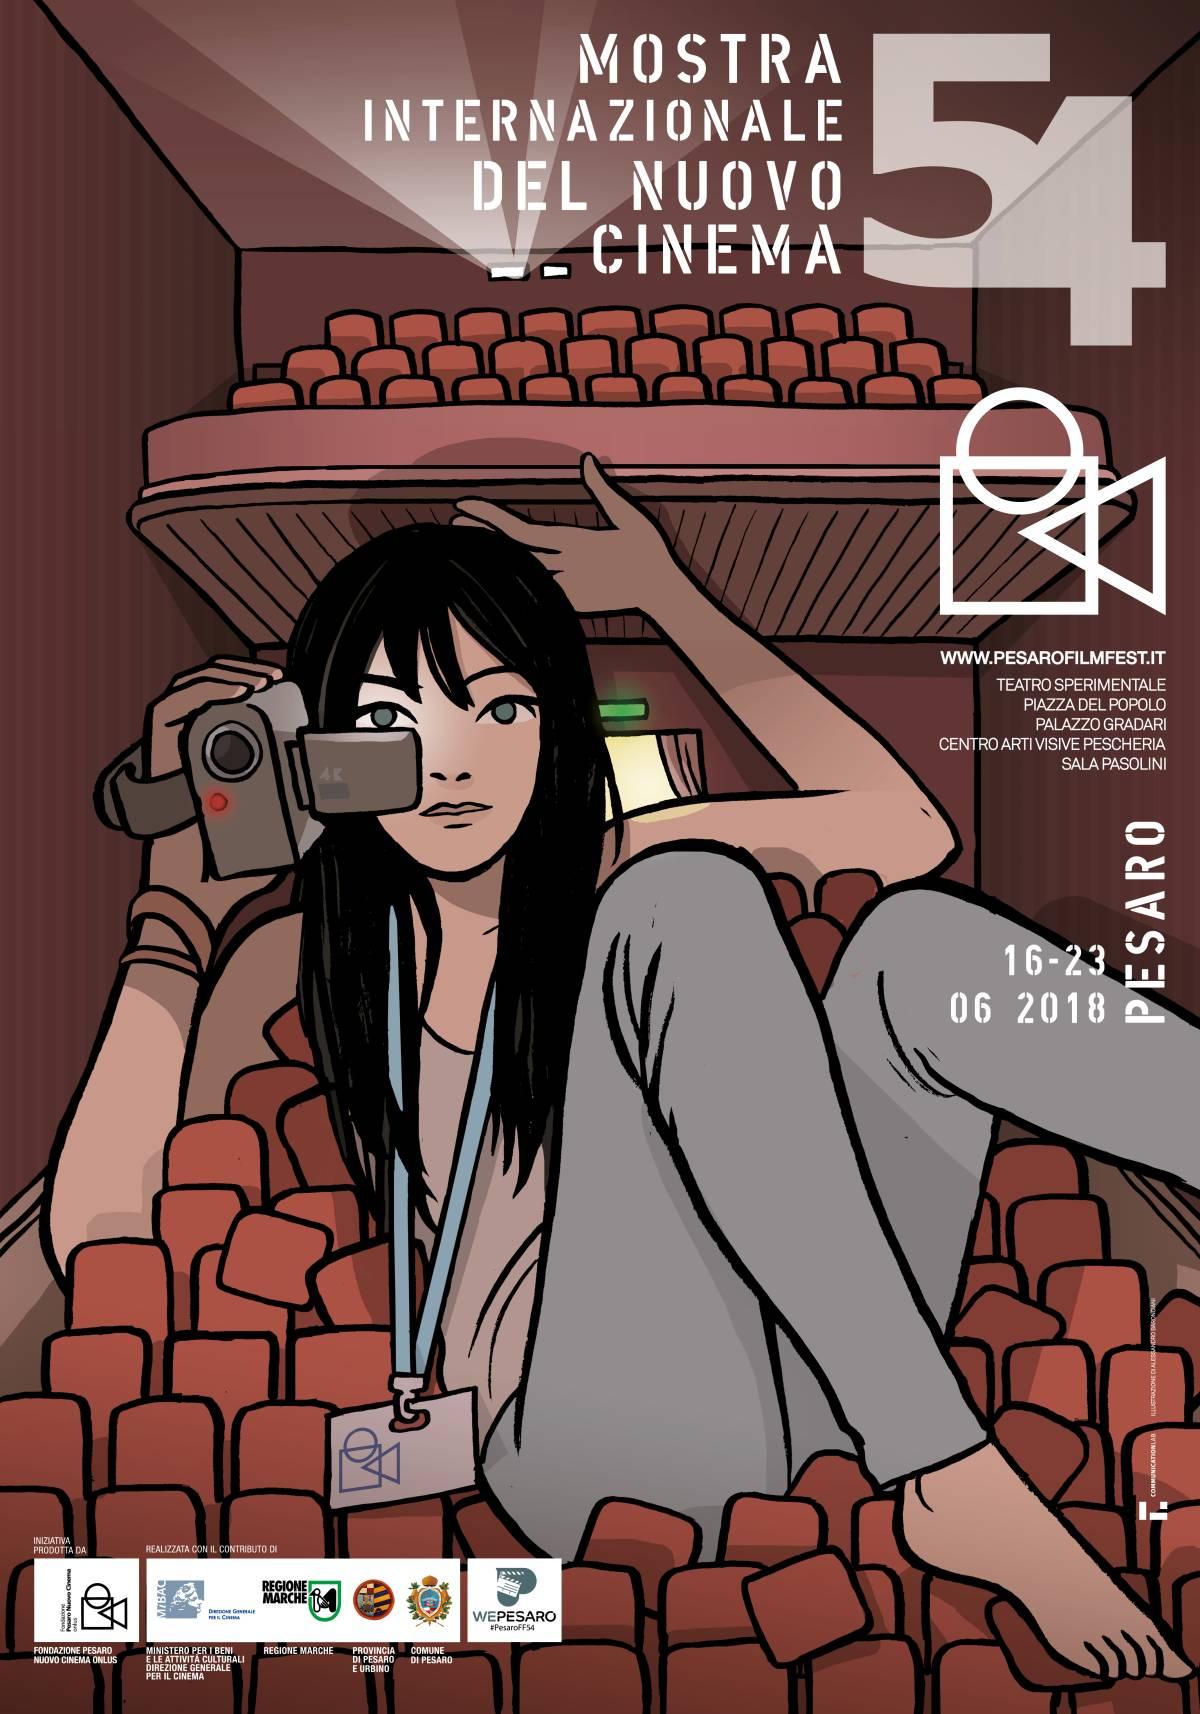 Pesaro 54: Mostra Internazionale del Nuovo Cinema tutta al femminile. Dal 16 al 23 giugno